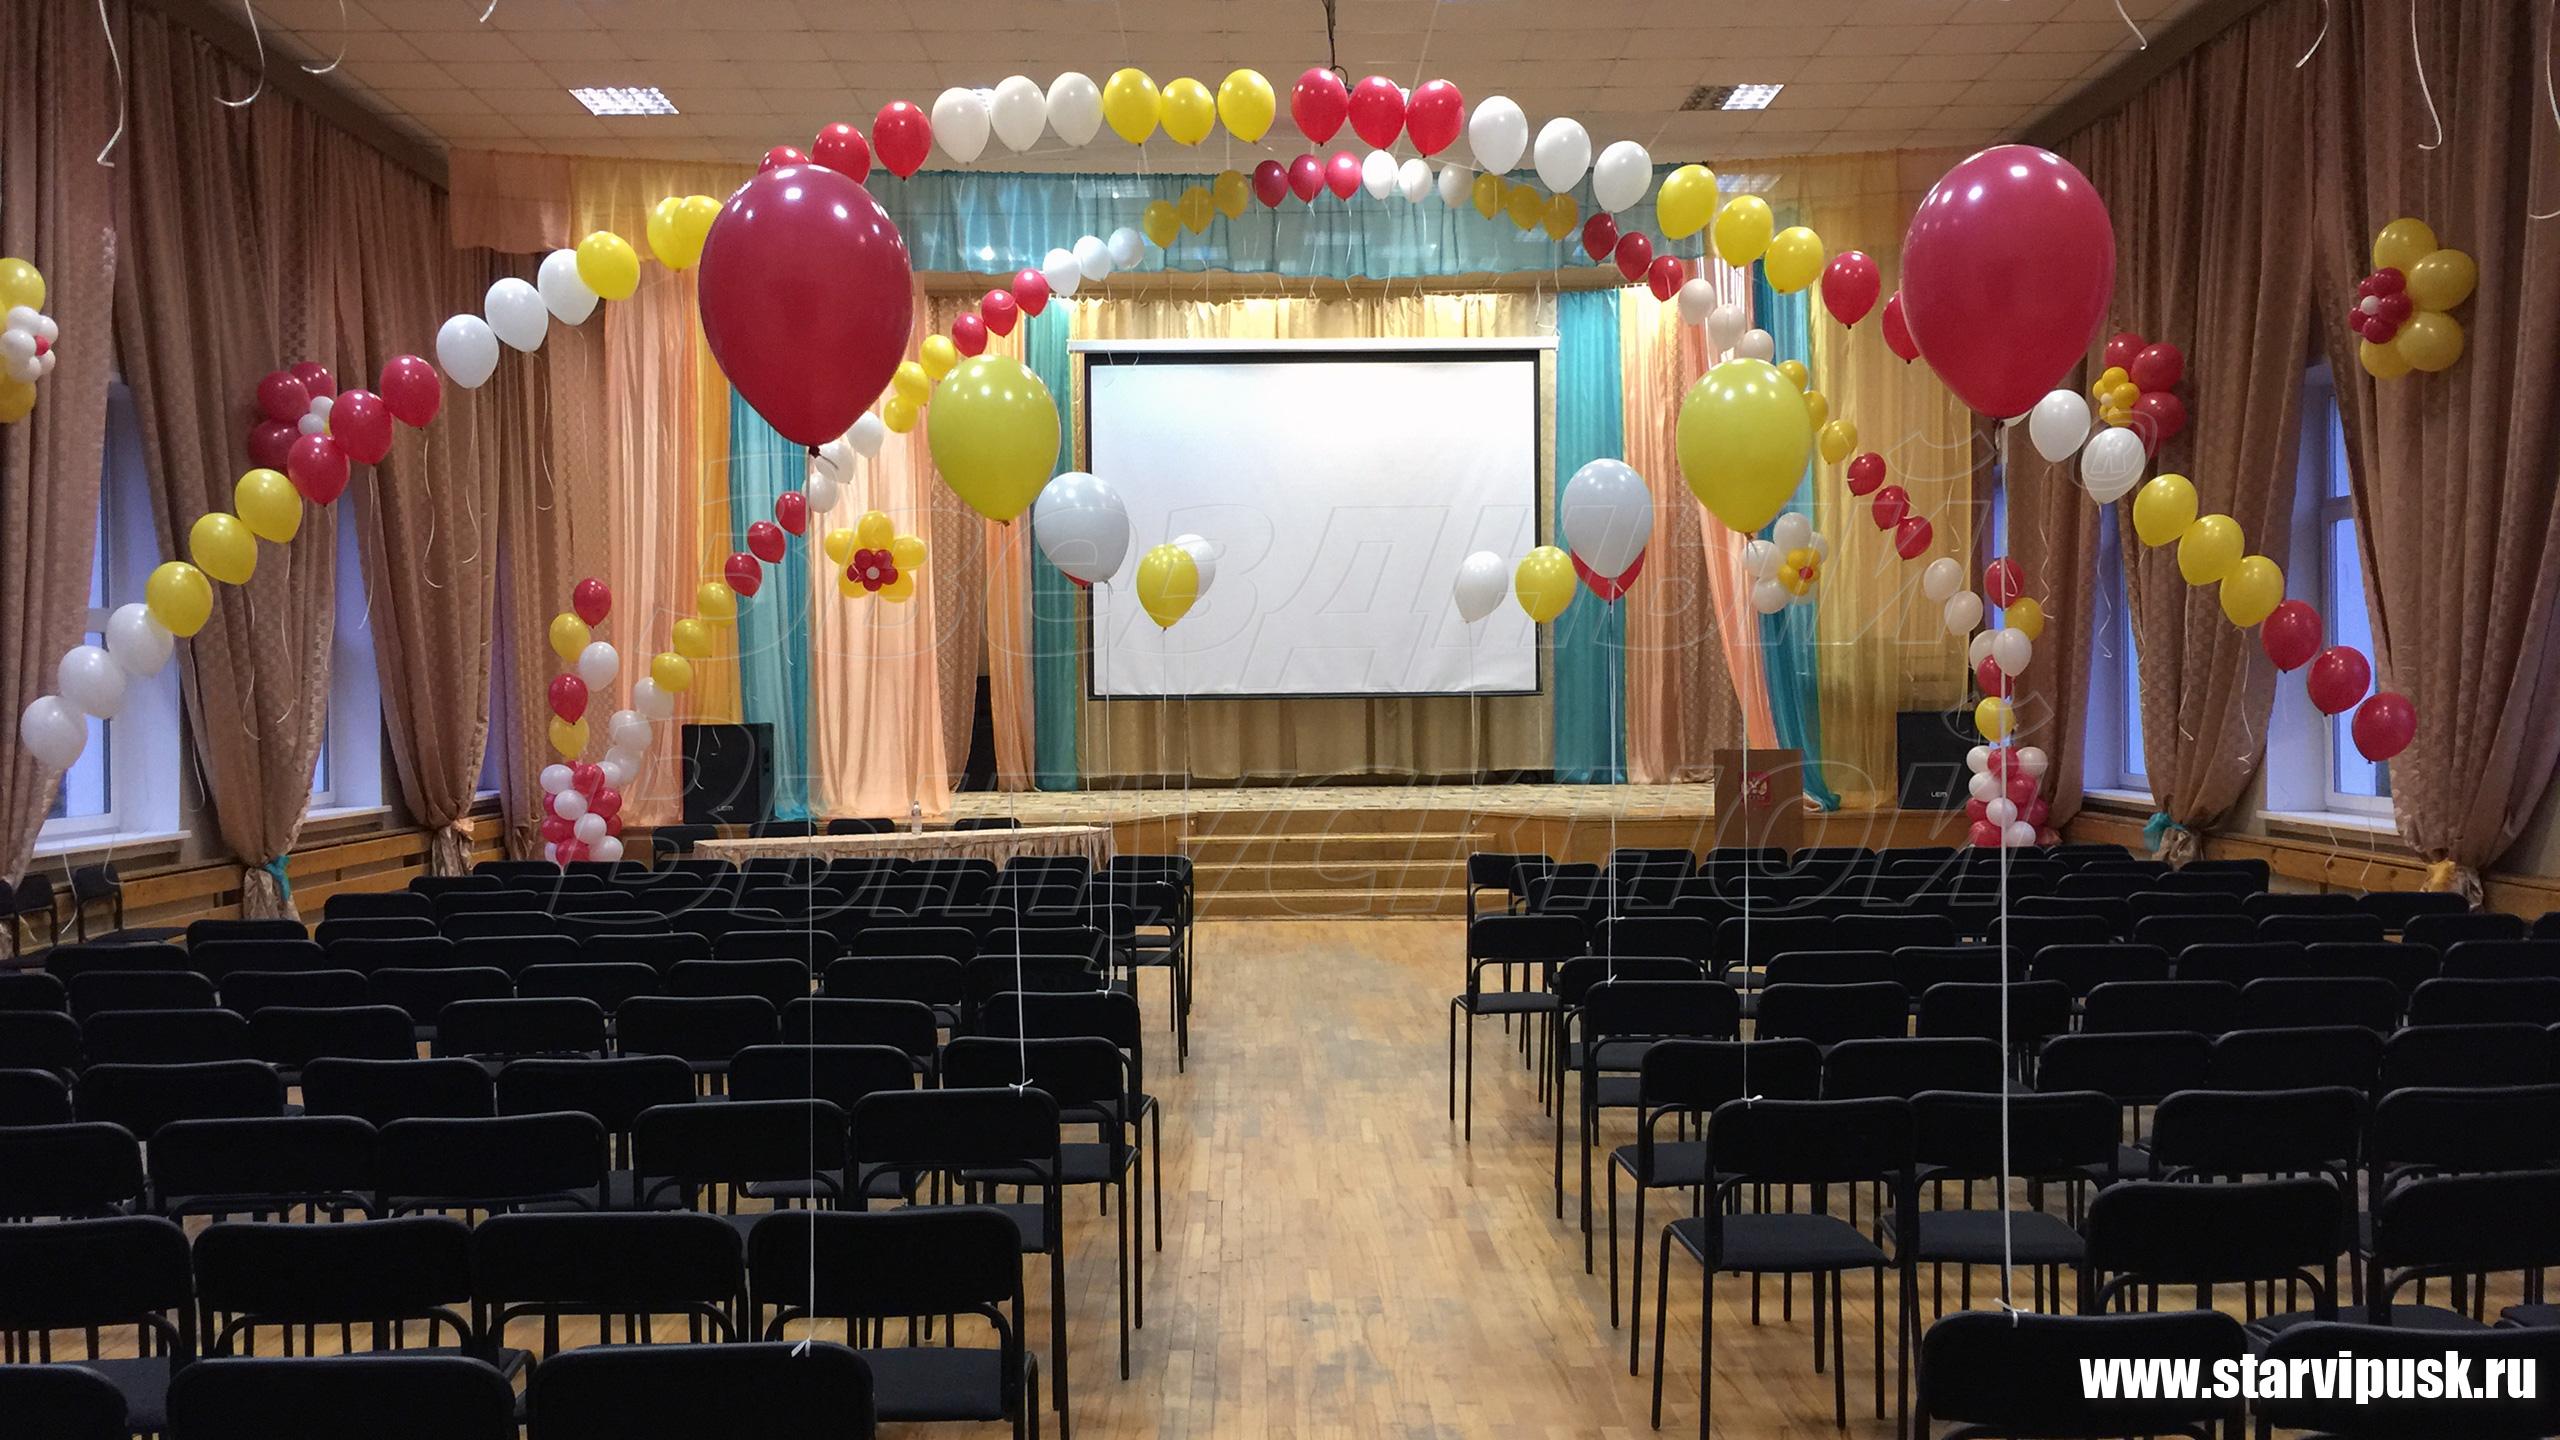 Украшение зала в школе шарами фото